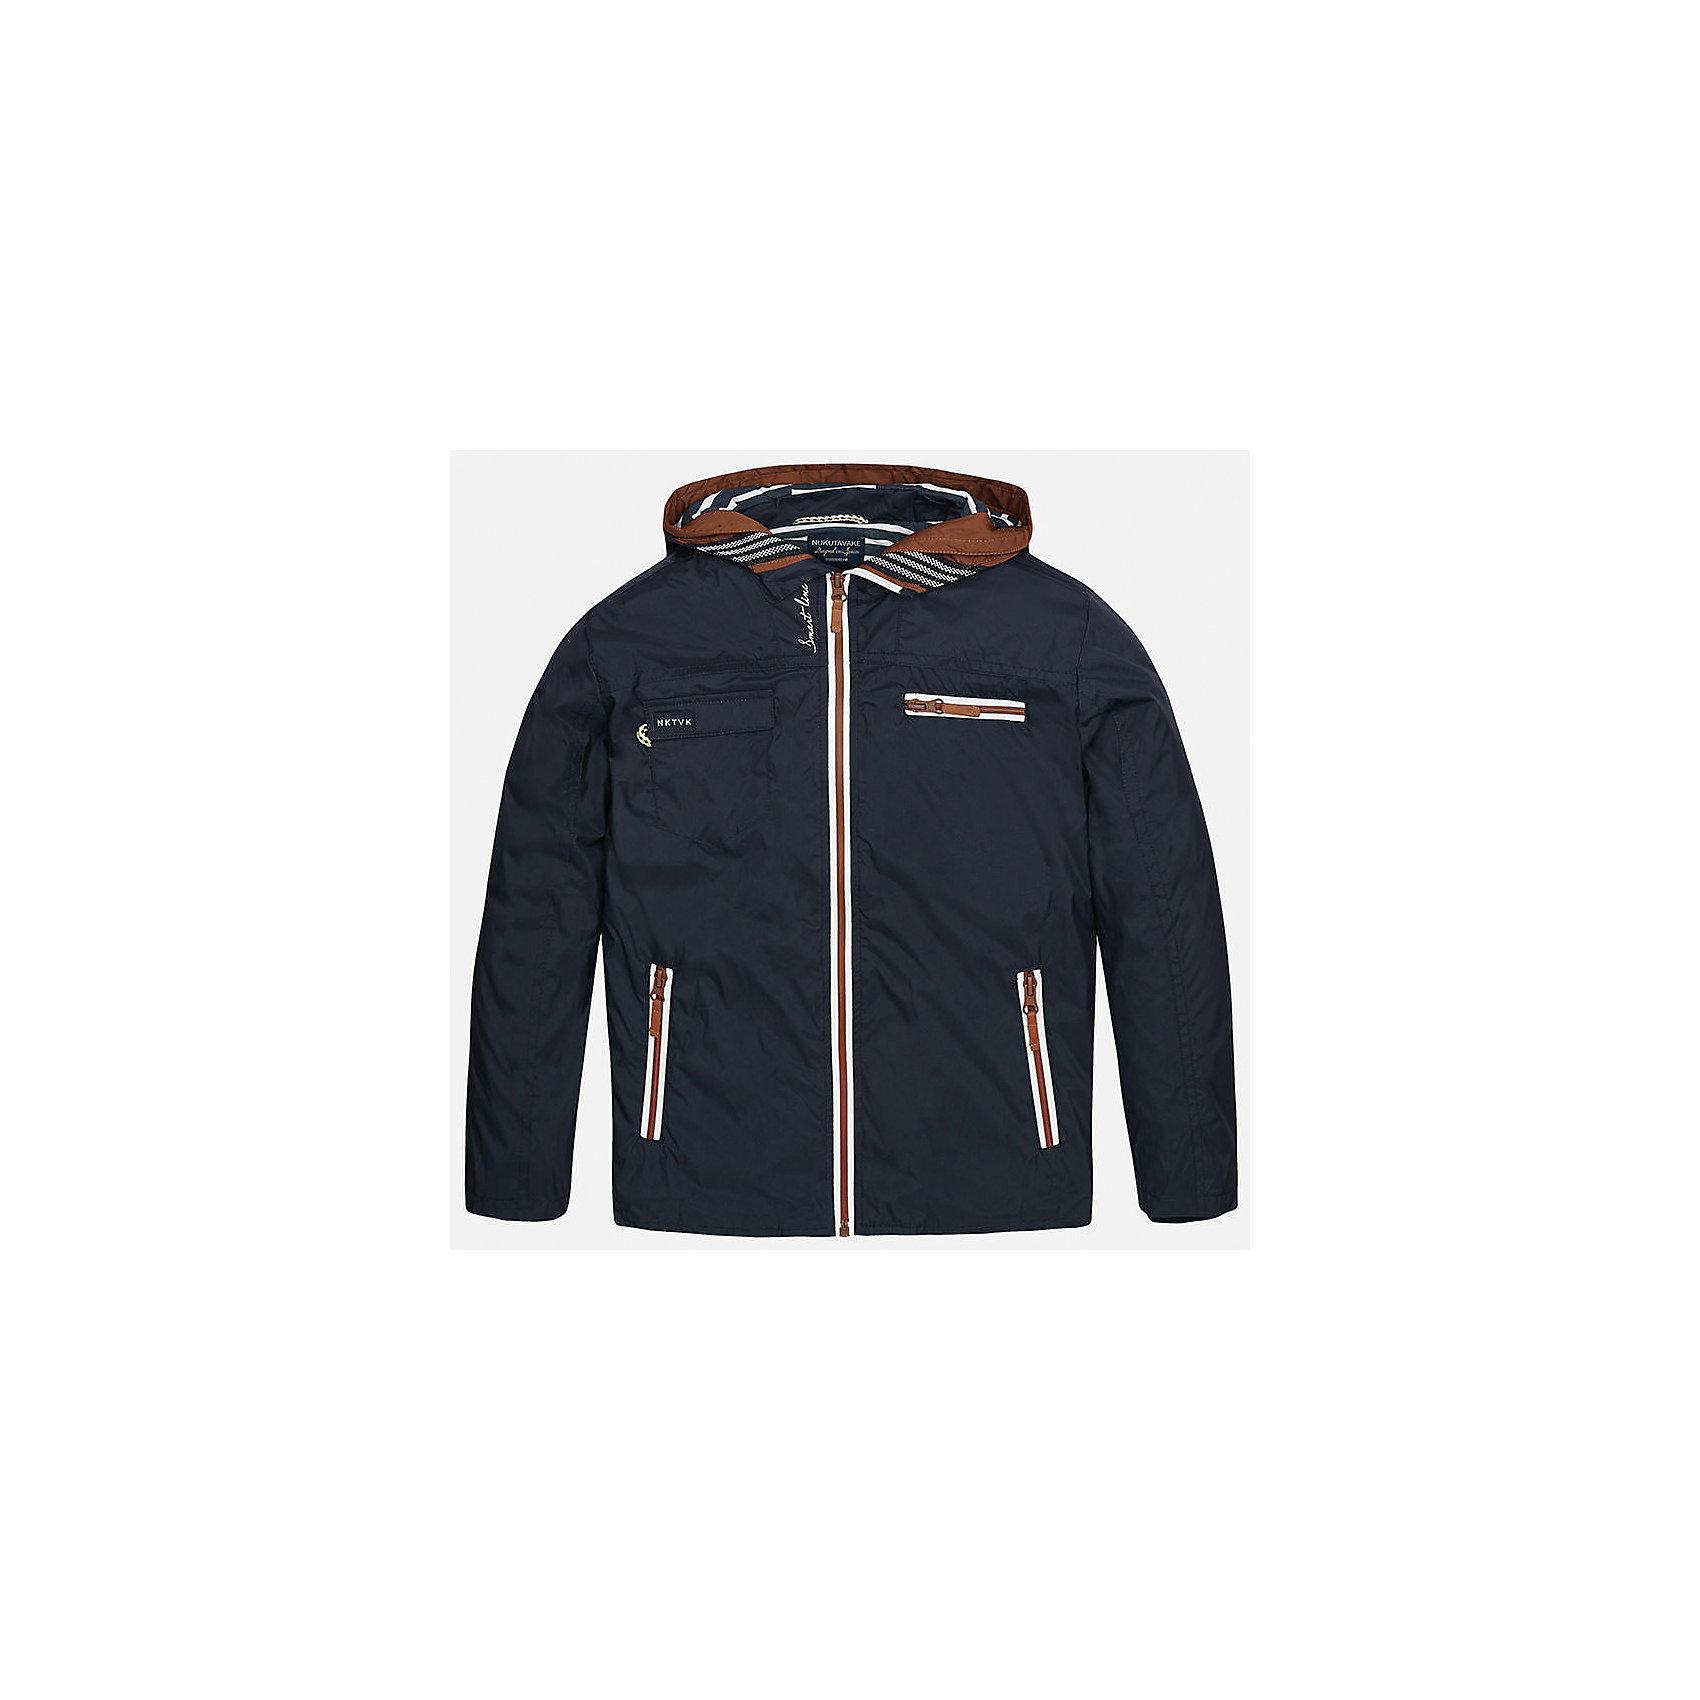 Ветровка для мальчика MayoralВерхняя одежда<br>Характеристики товара:<br><br>• цвет: синий<br>• состав: 100% полиэстер, подкладка - 35% хлопок, 65% полиэстер<br>• капюшон<br>• карманы<br>• застежка: молния<br>• вышивка<br>• страна бренда: Испания<br><br>Модная куртка для мальчика может стать базовой вещью в гардеробе ребенка. Она отлично сочетается с майками, футболками, рубашками и т.д. Универсальный крой и цвет позволяет подобрать к вещи низ разных расцветок. Практичное и стильное изделие! В составе материала - натуральный хлопок, гипоаллергенный, приятный на ощупь, дышащий.<br><br>Одежда, обувь и аксессуары от испанского бренда Mayoral полюбились детям и взрослым по всему миру. Модели этой марки - стильные и удобные. Для их производства используются только безопасные, качественные материалы и фурнитура. Порадуйте ребенка модными и красивыми вещами от Mayoral! <br><br>Ветровку для мальчика от испанского бренда Mayoral (Майорал) можно купить в нашем интернет-магазине.<br><br>Ширина мм: 356<br>Глубина мм: 10<br>Высота мм: 245<br>Вес г: 519<br>Цвет: синий<br>Возраст от месяцев: 84<br>Возраст до месяцев: 96<br>Пол: Мужской<br>Возраст: Детский<br>Размер: 128/134,170,158,164,152,140<br>SKU: 5281996